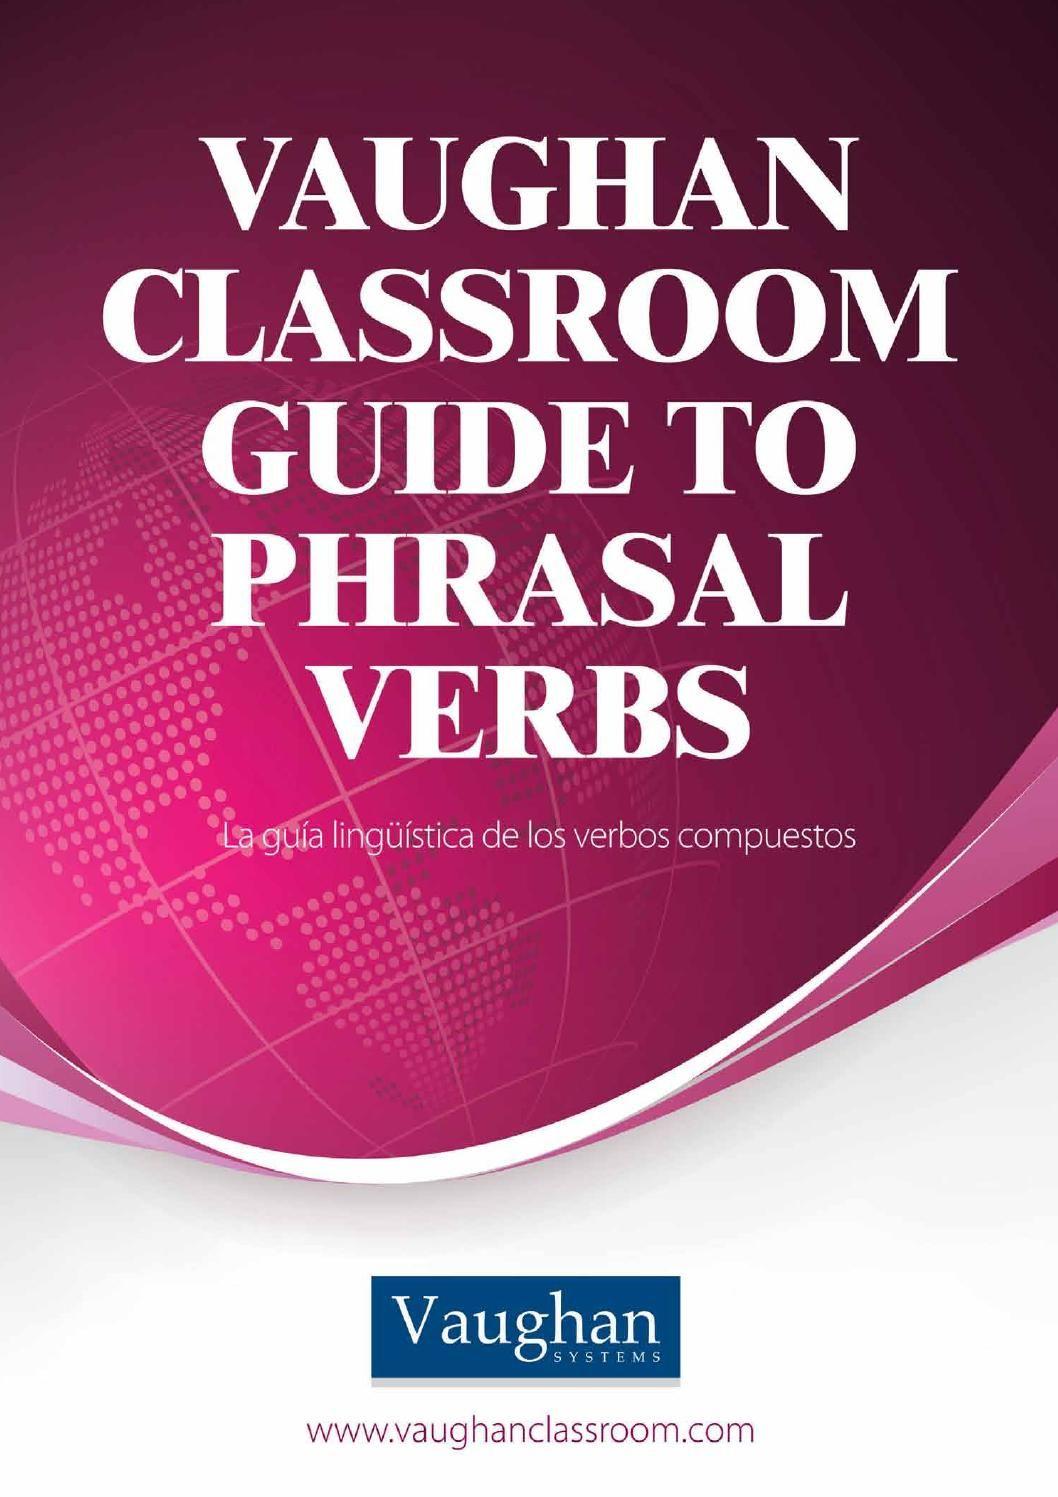 Vaughan Classroom Guide Phrasal Verbs Libro Ingles Quiero Aprender Ingles Cosas De Ingles